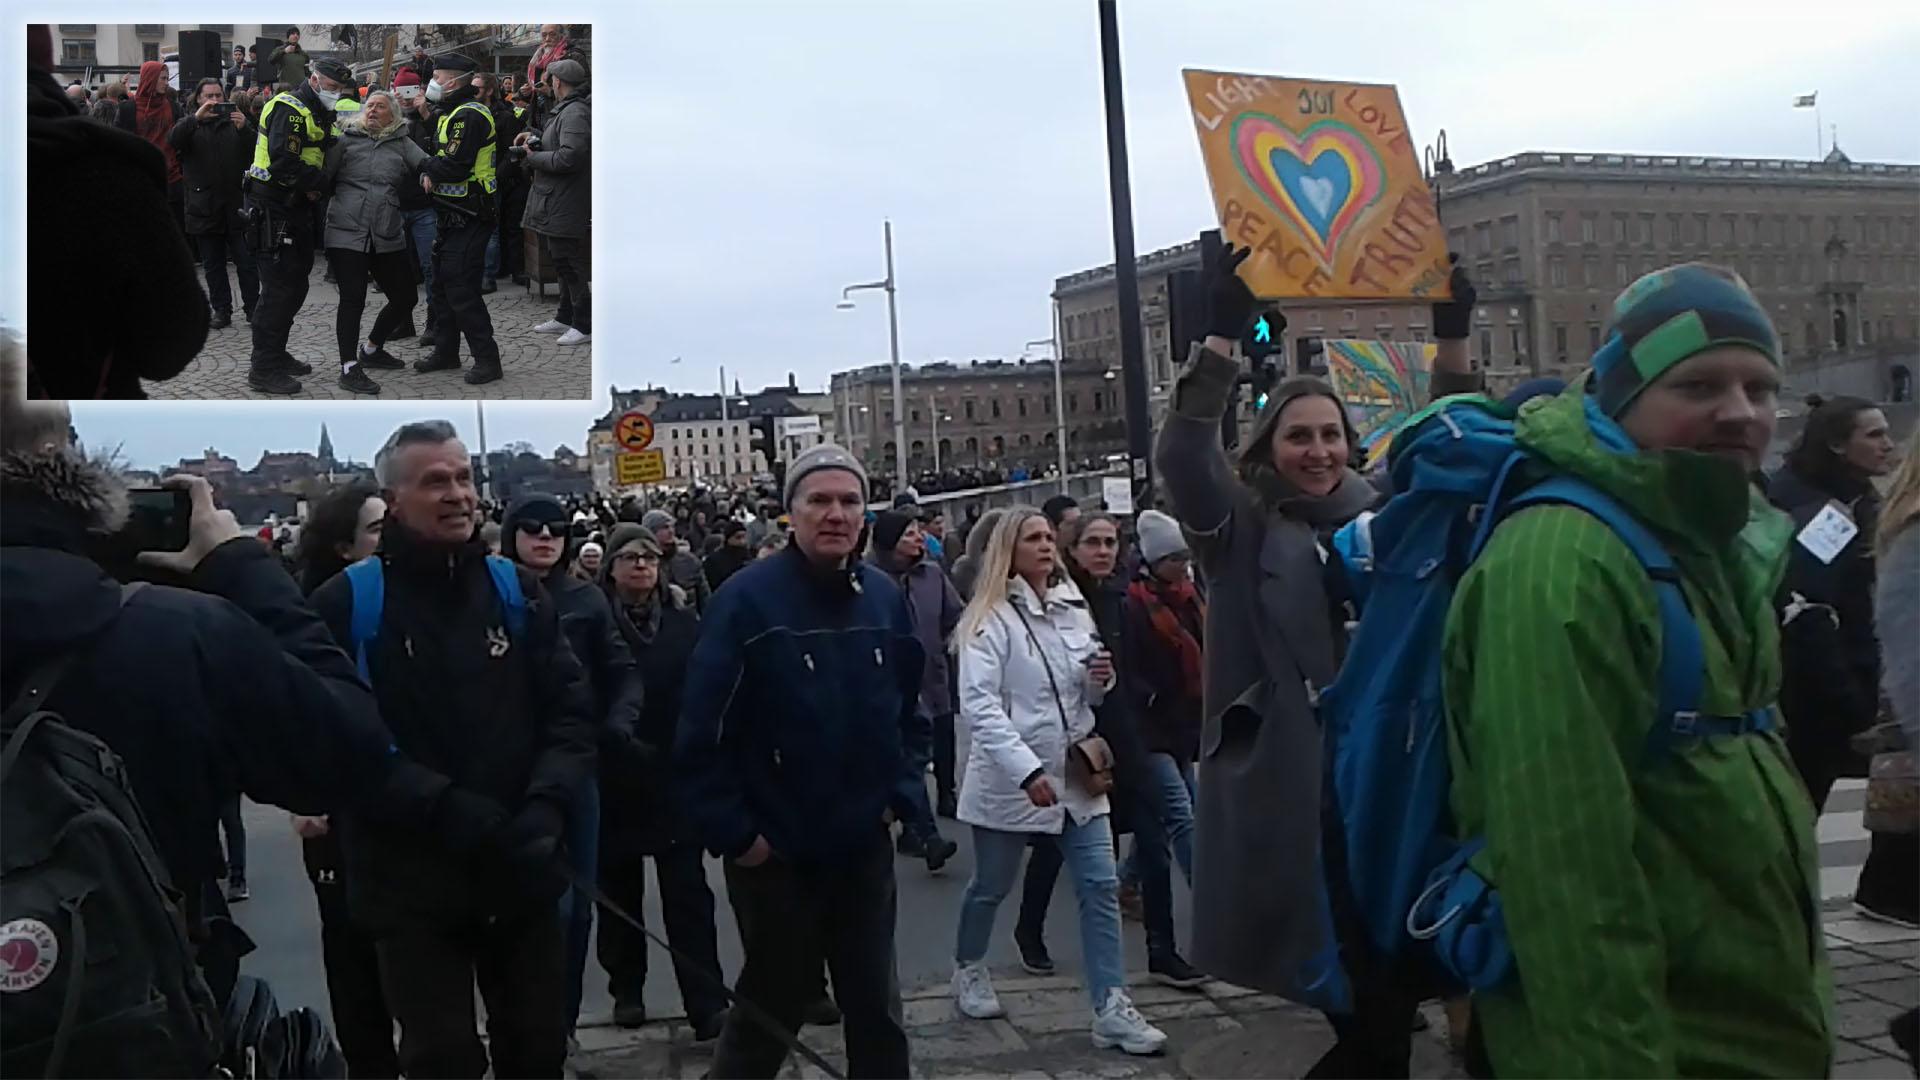 schwedens-demokratie-am-scheideweg-–-coronarestriktionen-zwingen-die-freie-meinungsauserung-in-die-illegalitat